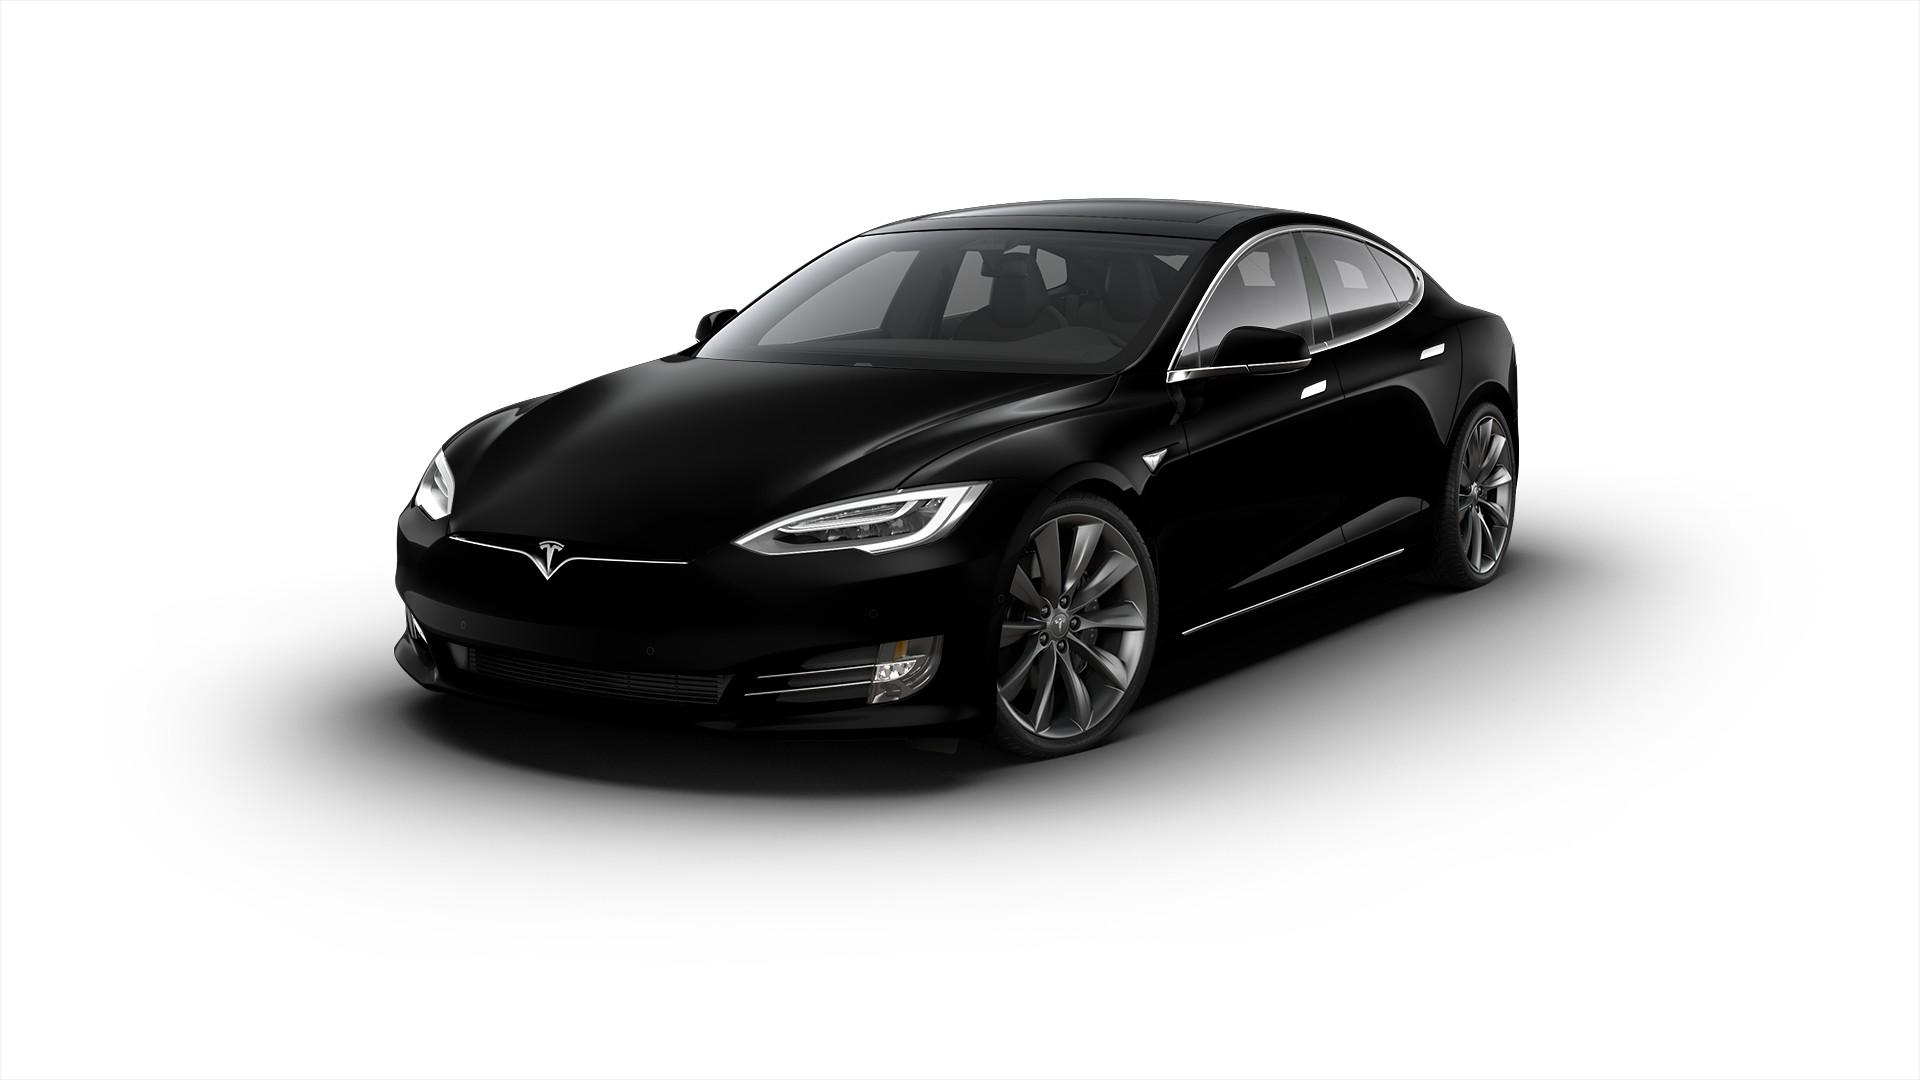 tesla model s 75d Solid Black